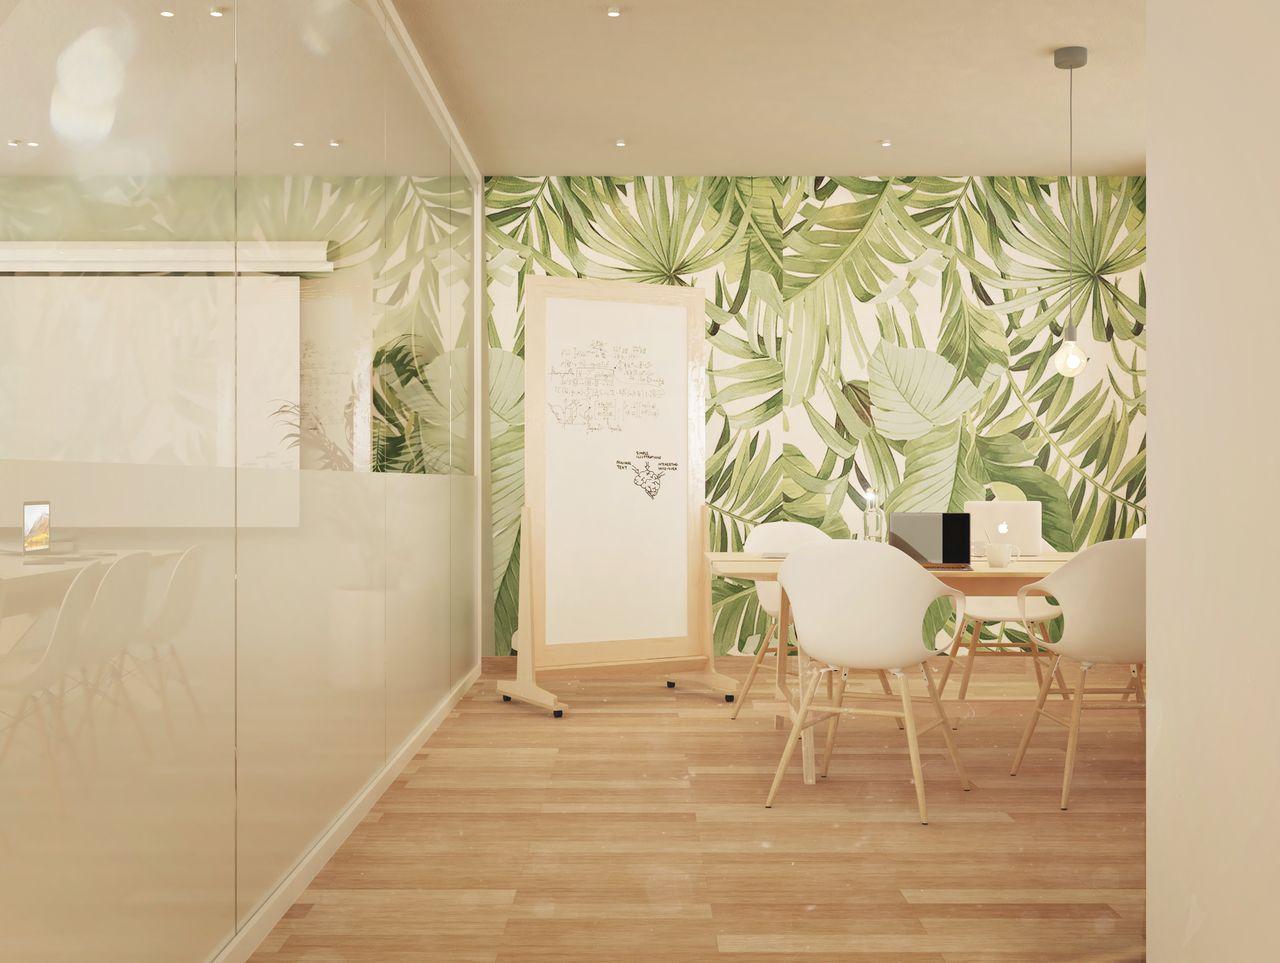 Tableau blanc effacable avec cadre en bois et roulettes situé dans une salle de réunion au style scandinave avec un mur de papier peint motif feuilles d'arbre